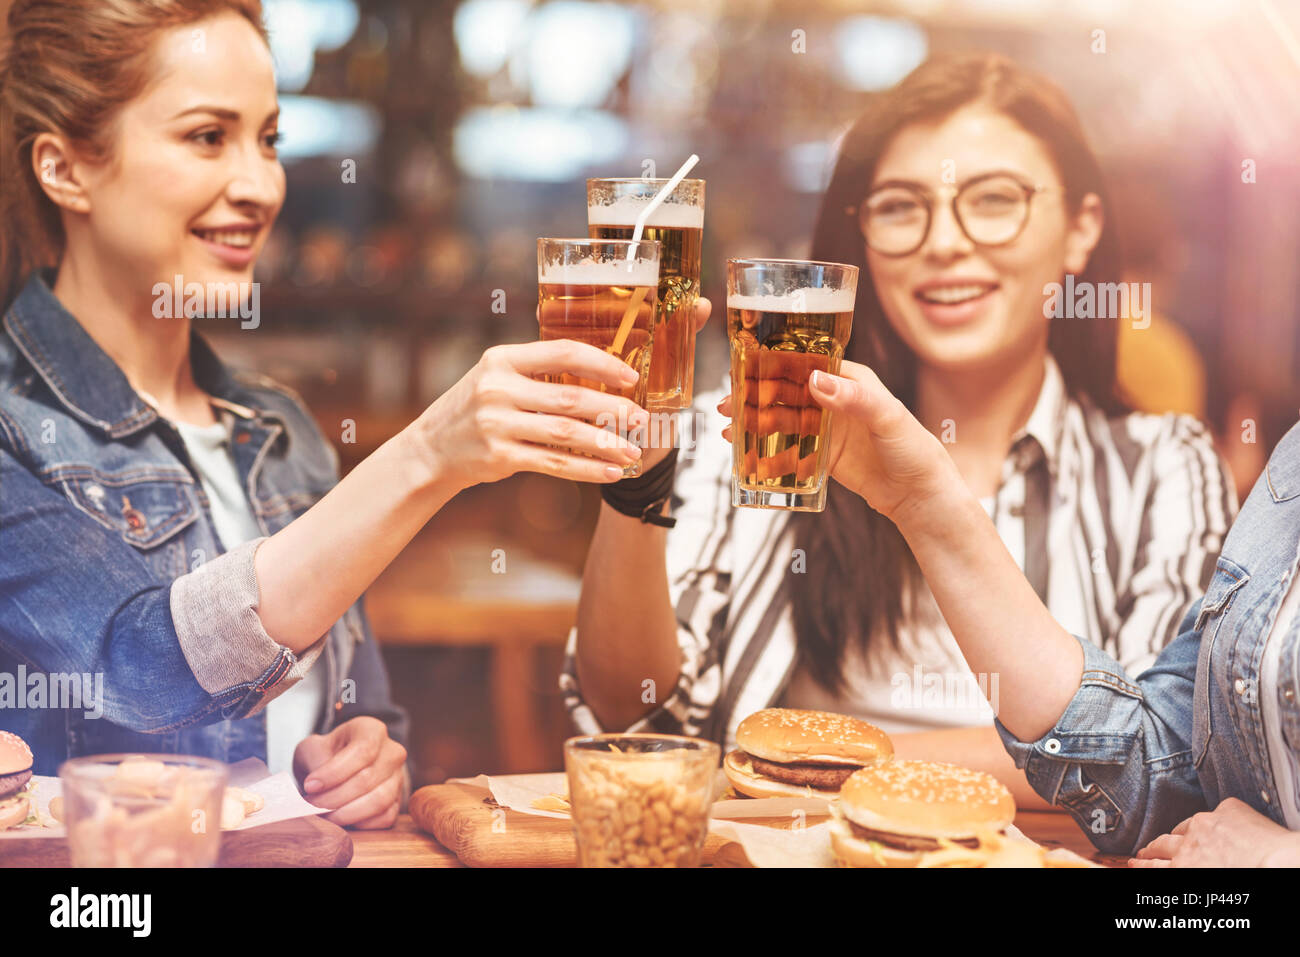 Glückliche Mädchen feiern ihren Urlaub Stockbild